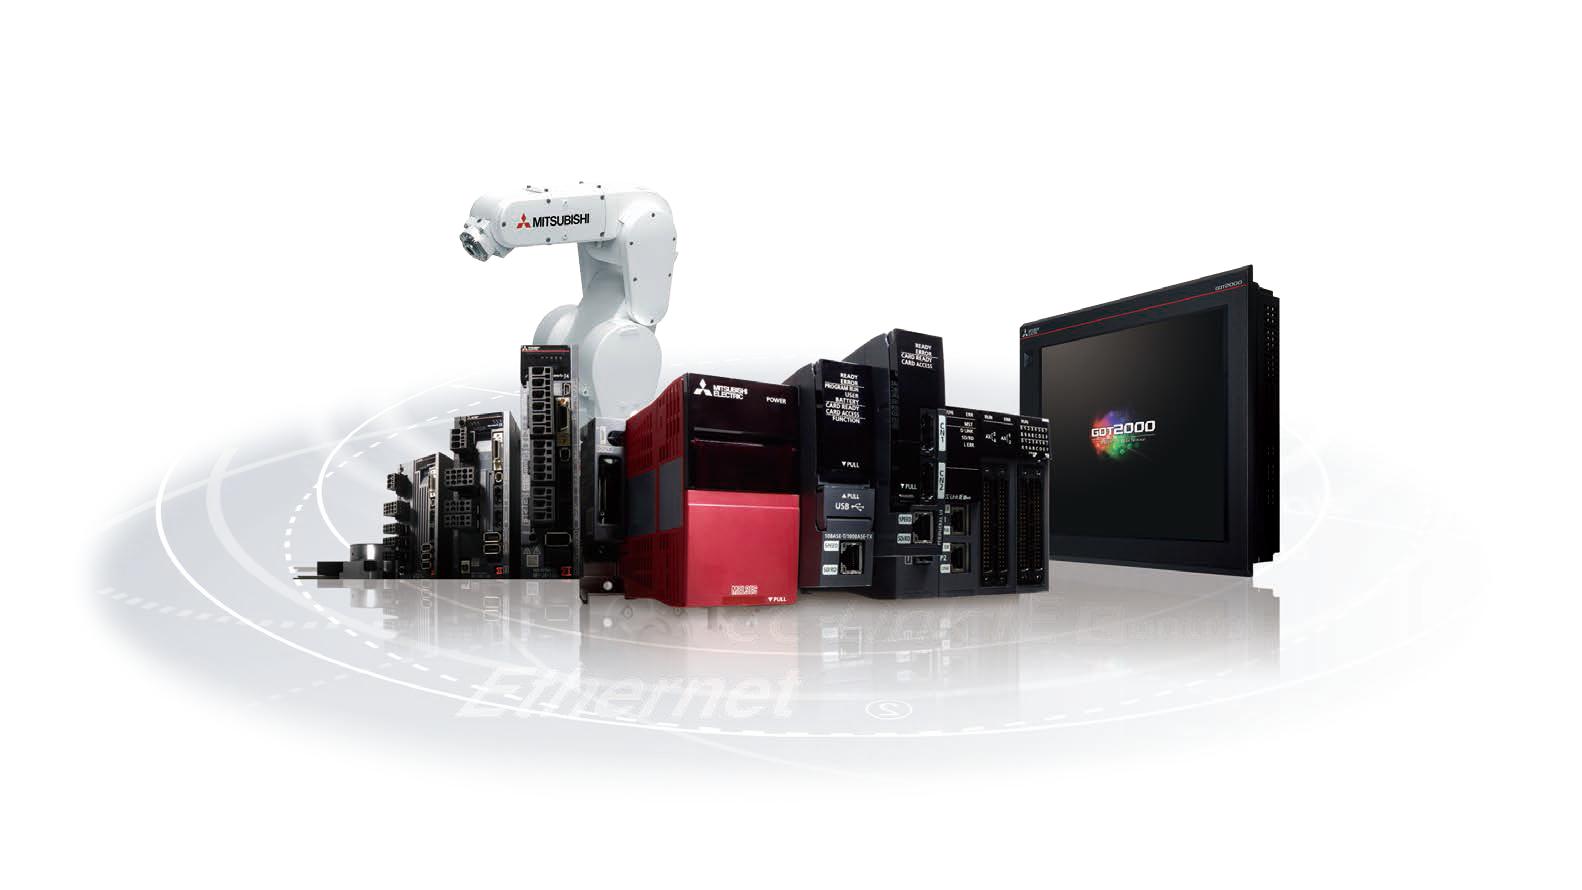 幅広いFA機器を用い、生産現場のあらゆるコストを削減する「e-F@ctory」